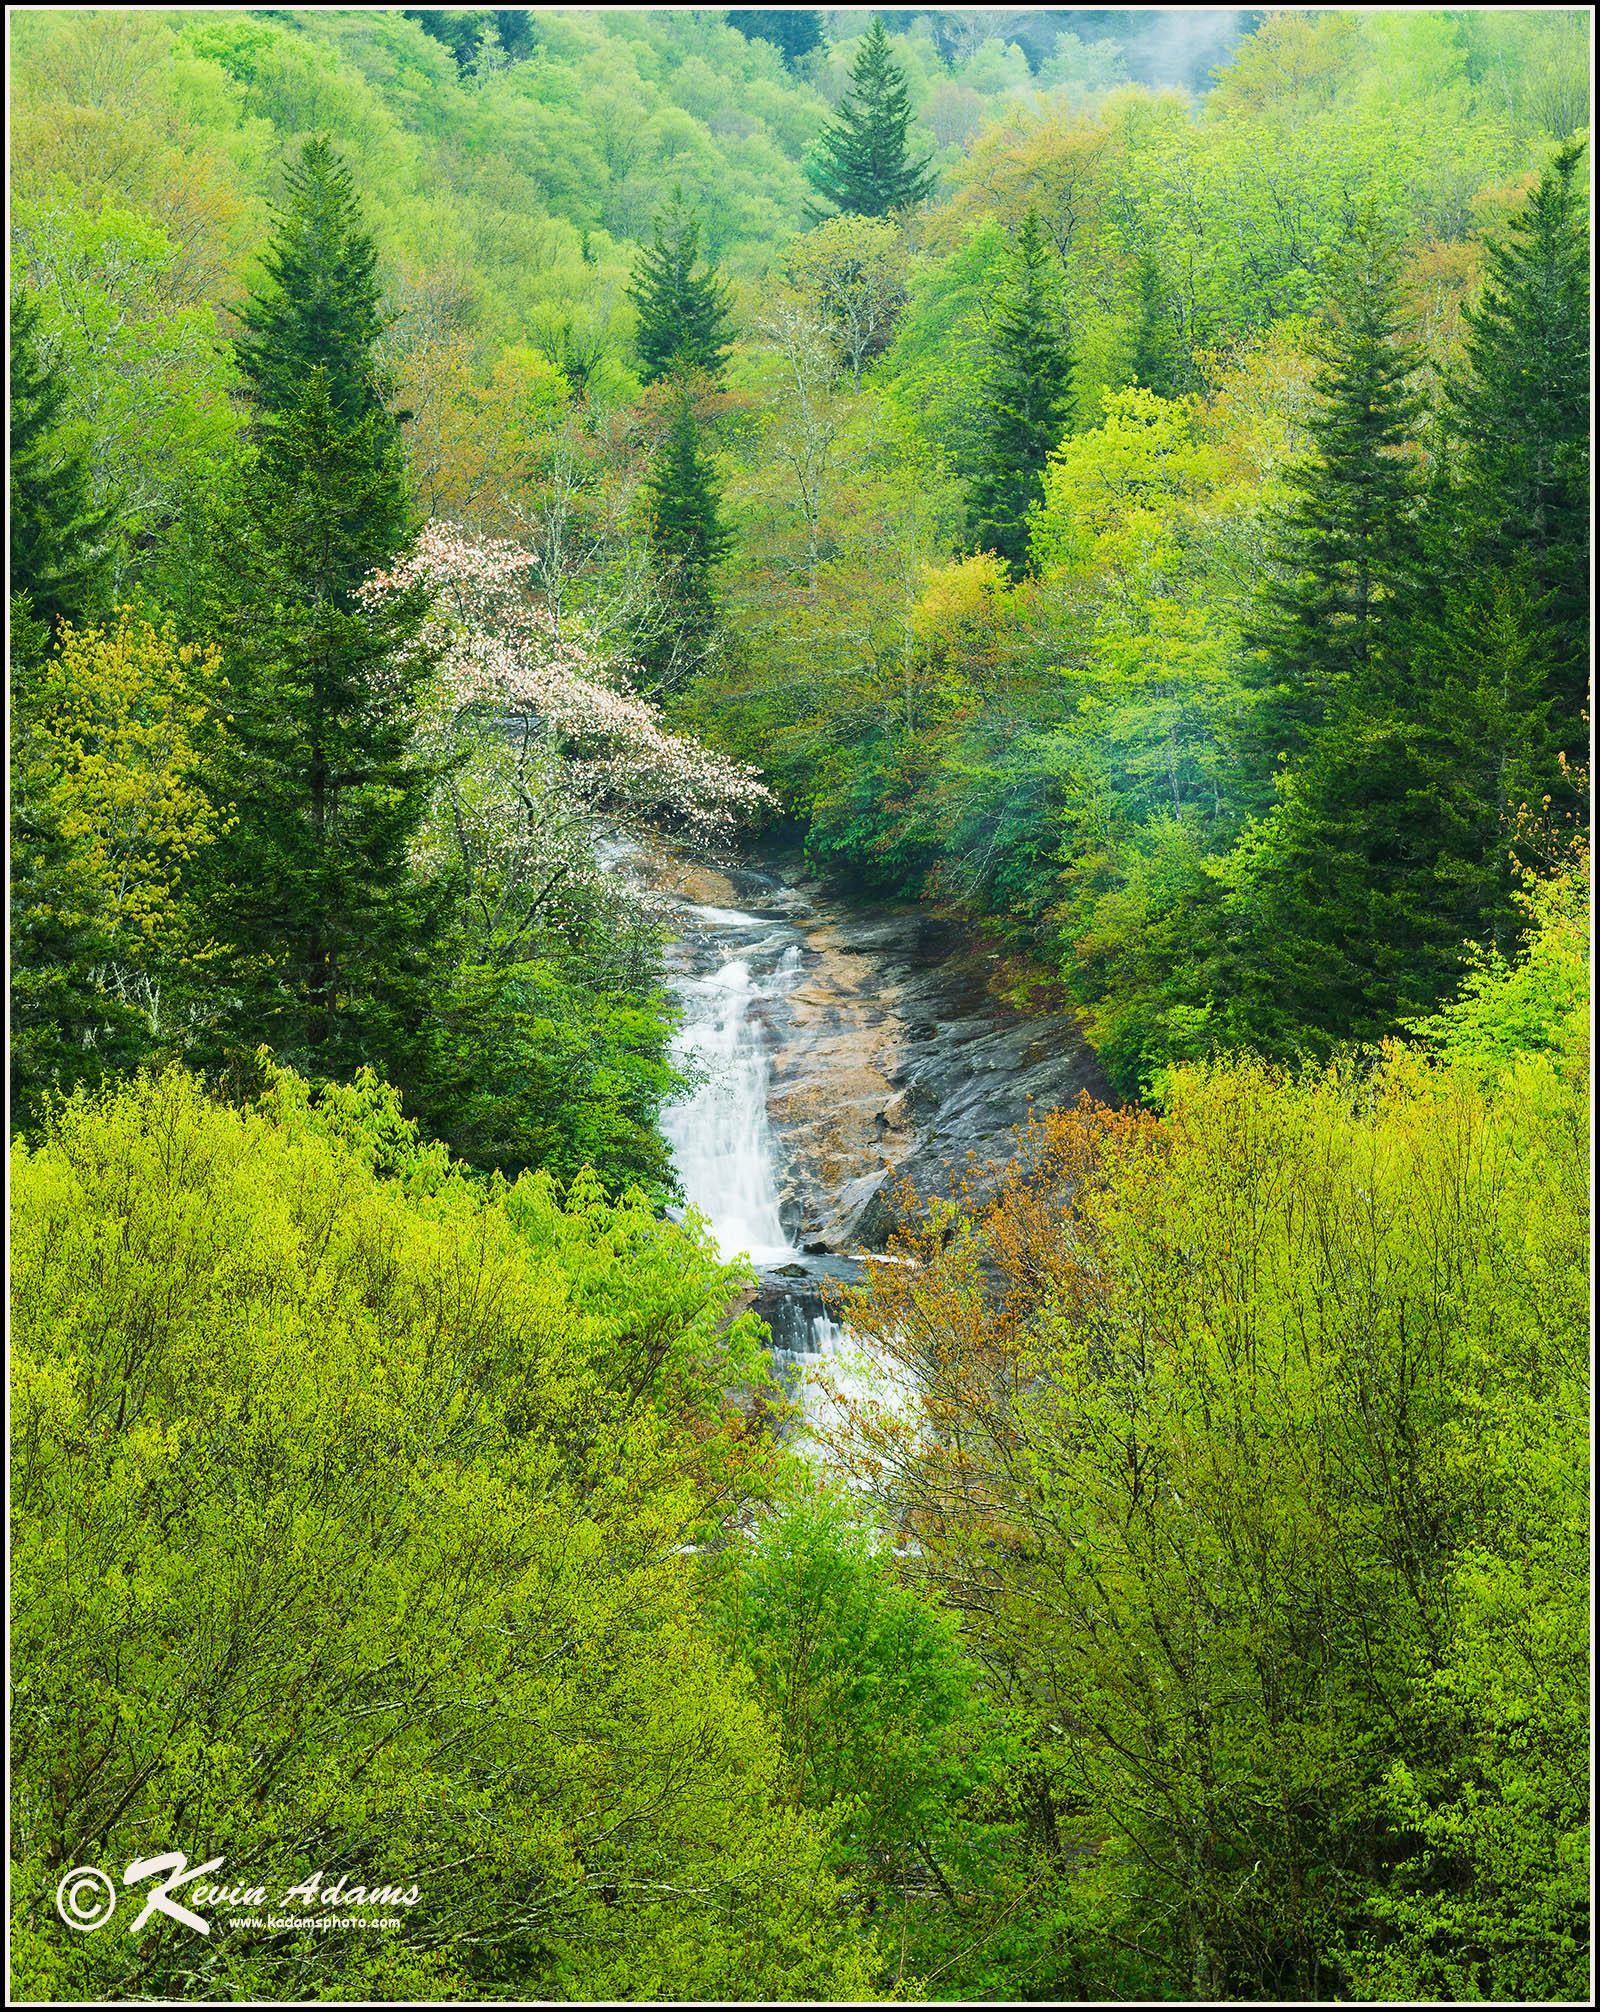 Bubbling Spring Branch Cascades